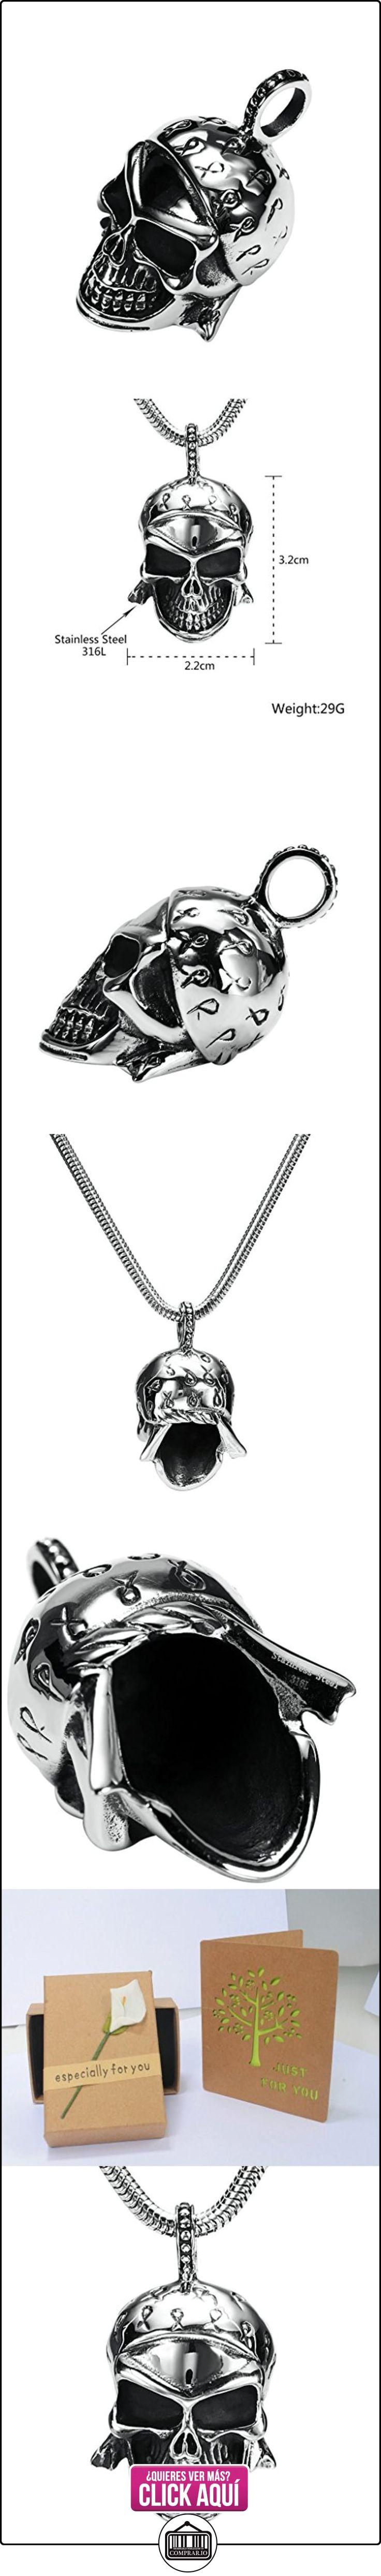 Daesar Joyería Collares de Hombre Acero Inoxidable Gótico Cráneo Calavera Plata Colgantes Vintage 2.2X3.2cm  ✿ Joyas para niños - Regalos ✿ ▬► Ver oferta: https://comprar.io/goto/B01MTOSNYO